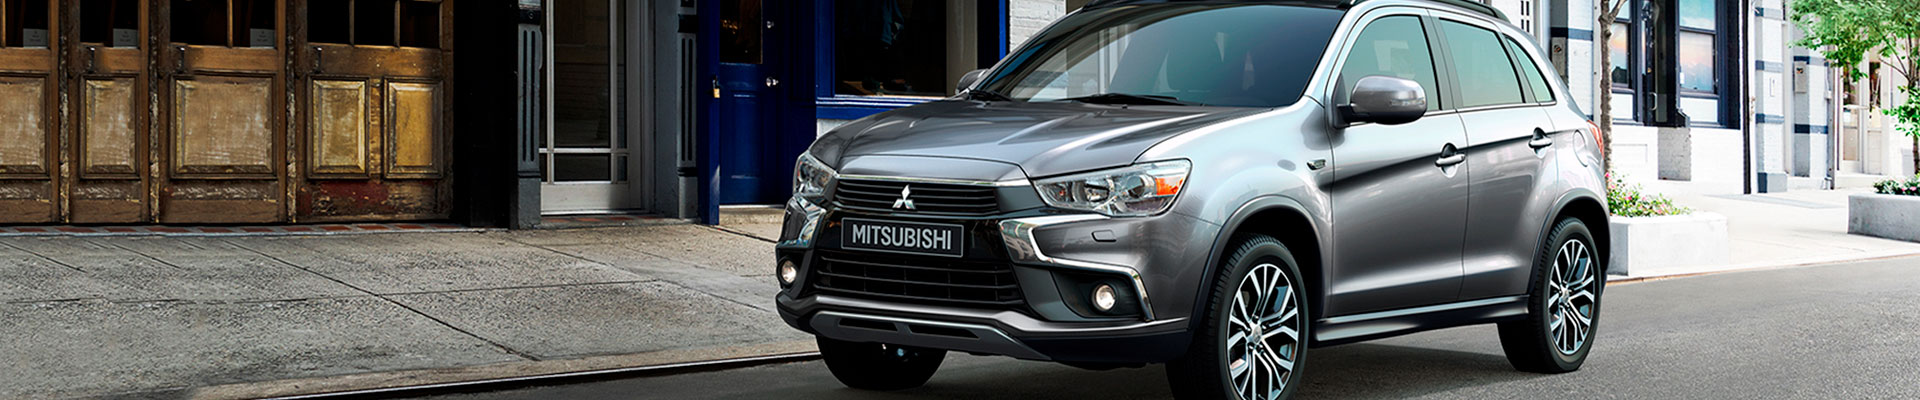 Bemi-Auto, Concesionario Oficial Mitsubishi en Lleida